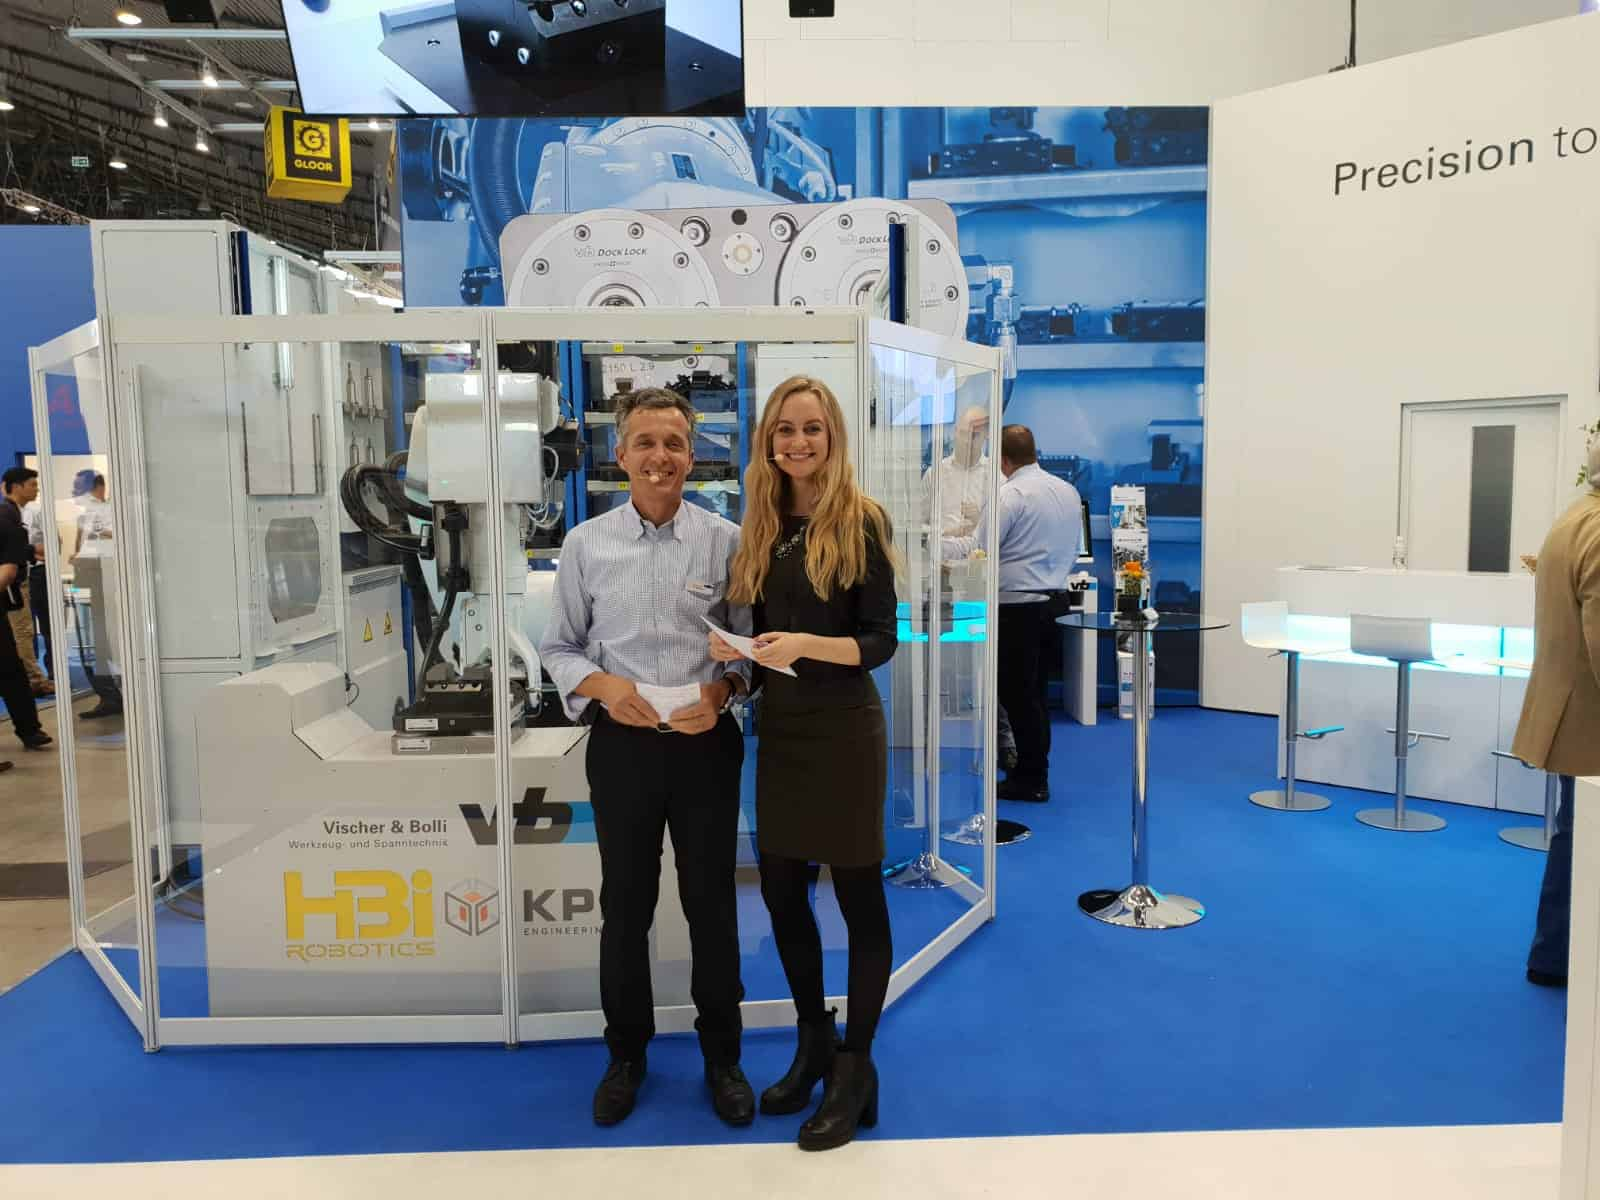 Janina Treis moderierte für Vischer & Bolli auf der Messe AMB, der internationalen Ausstellung für Metallbearbeitung, in Stuttgart. Die Moderatorin zeigte dem Publikum neue Gewindewerkzeuge, High-Performance-Fräser und Bohrer mit speziellen Kühlkanälen, sowie Automatisierungslösungen an Roboterzellen.